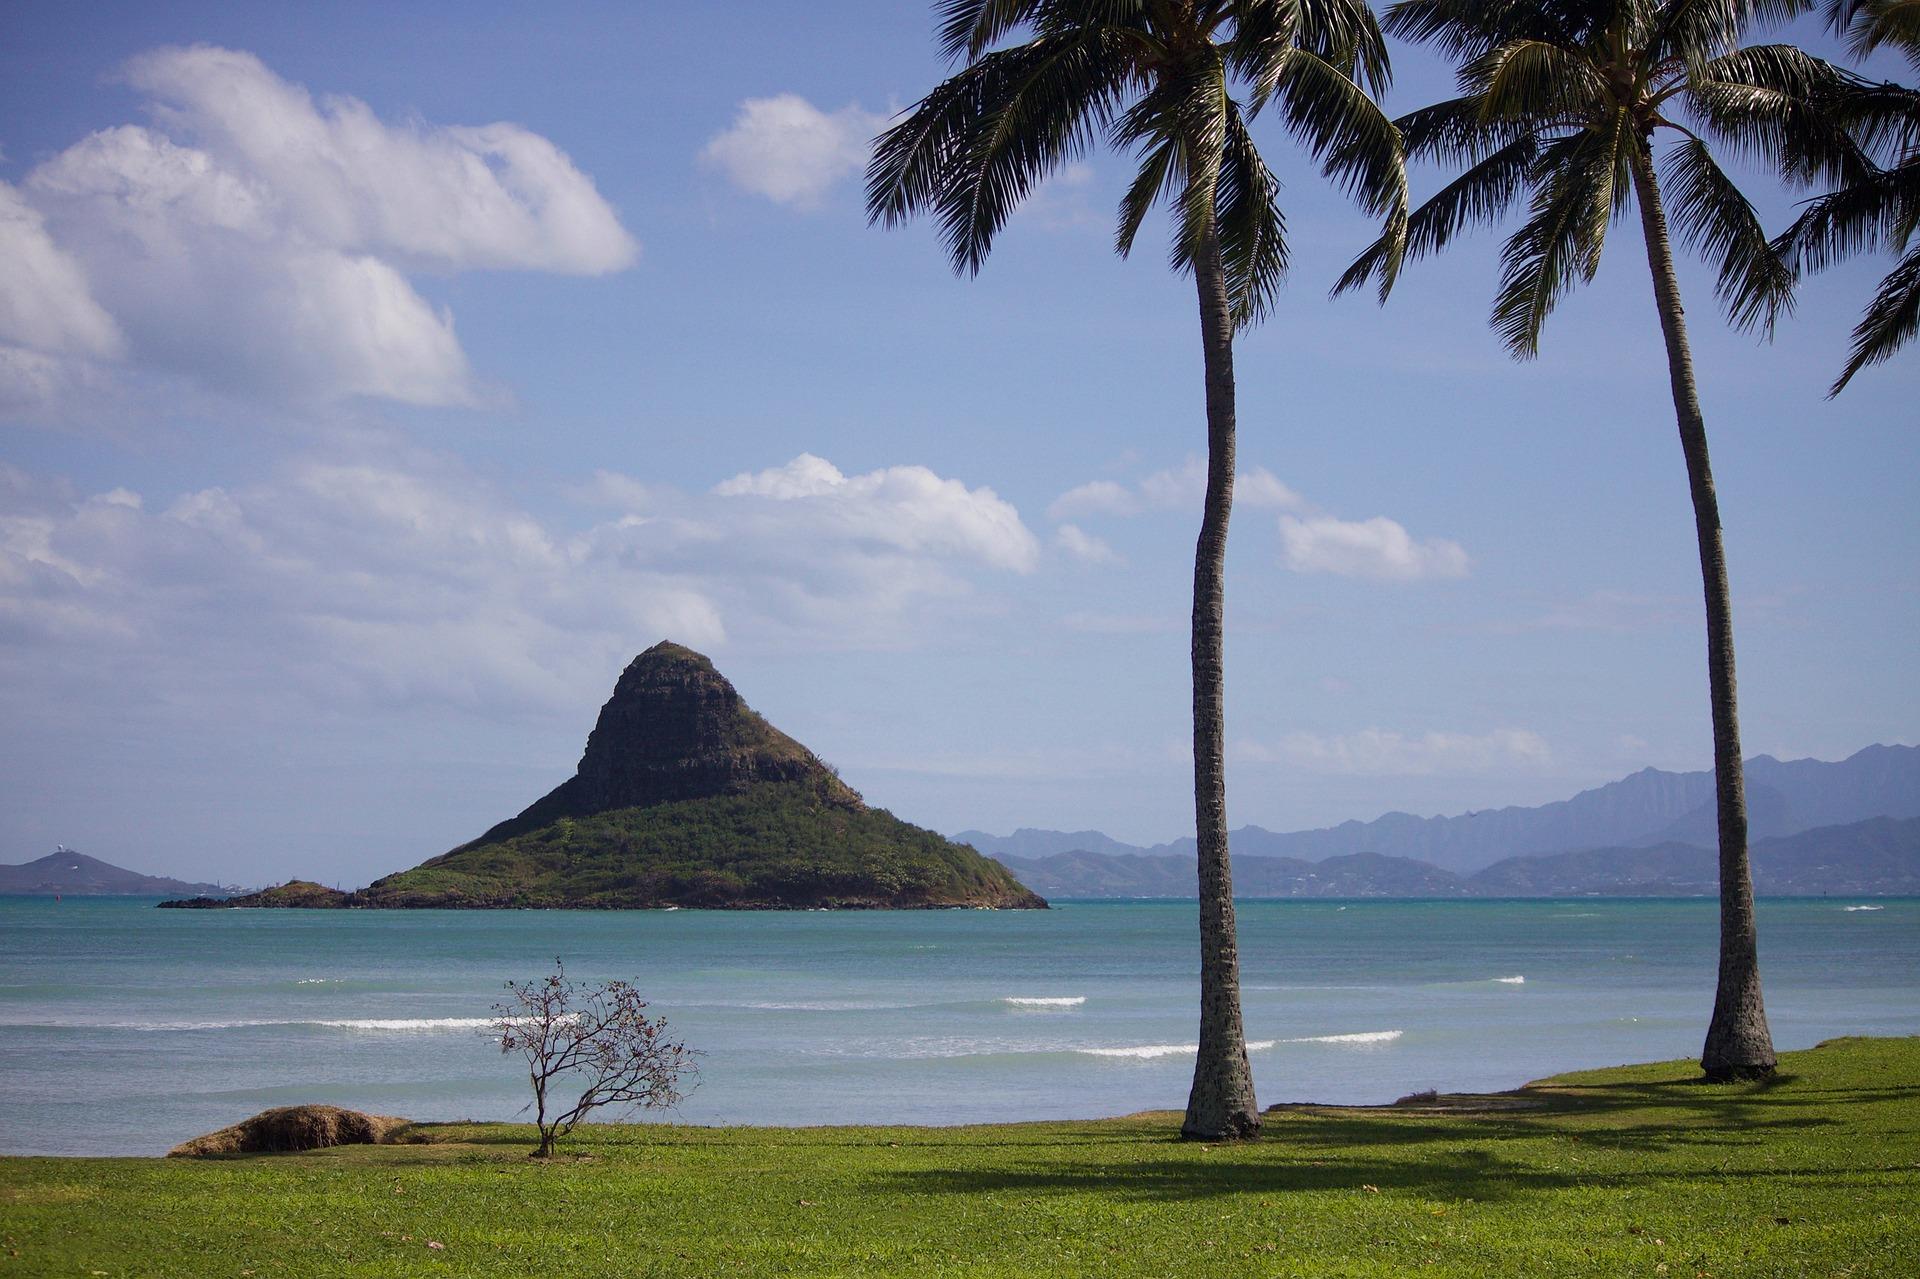 Urlaubsparadies Hawaii →  Tubing Abenteuer oder Stairway to Heaven?